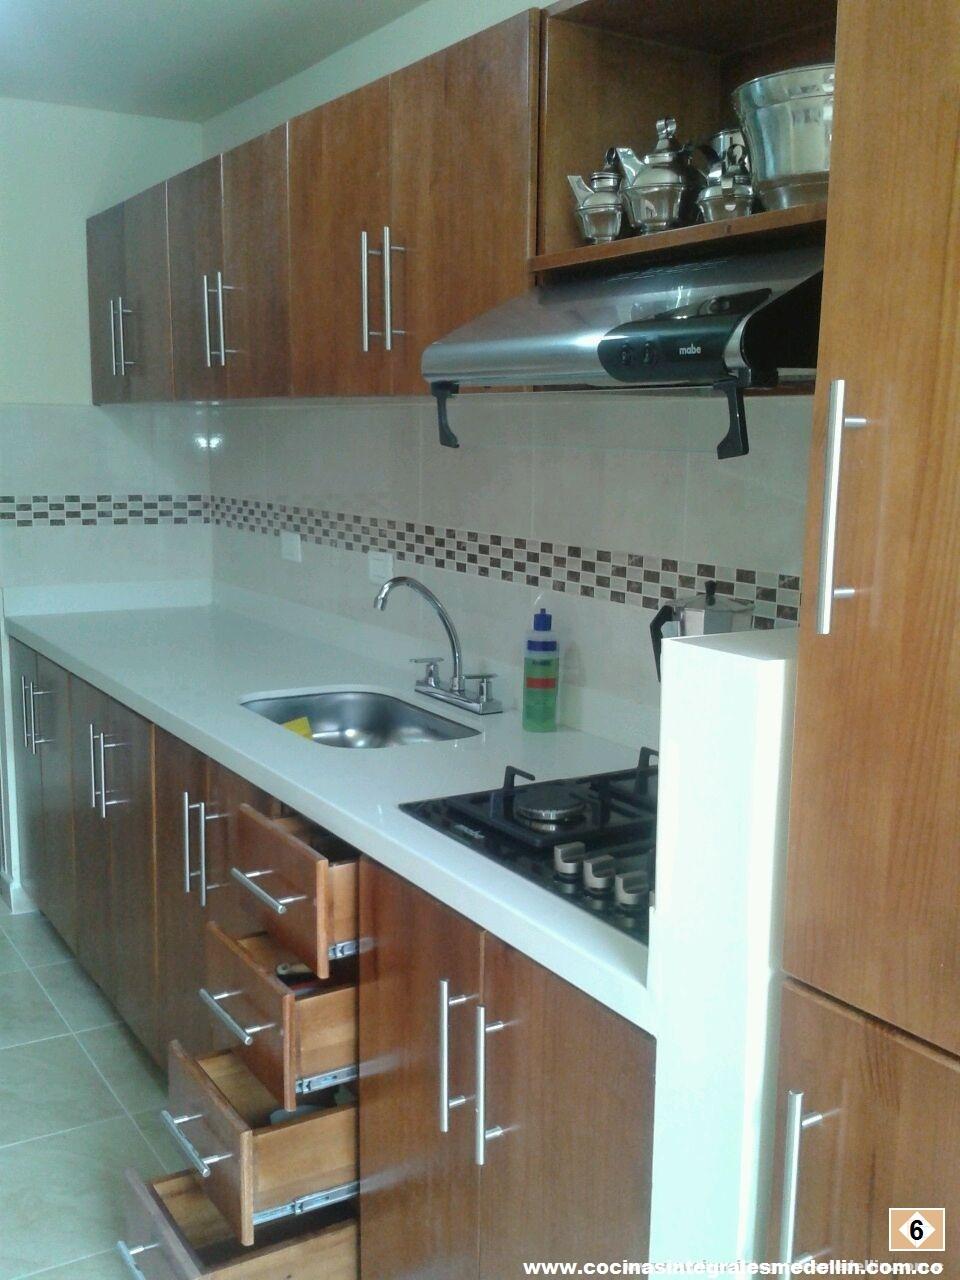 Cocinas Integrales Medellin Colombia